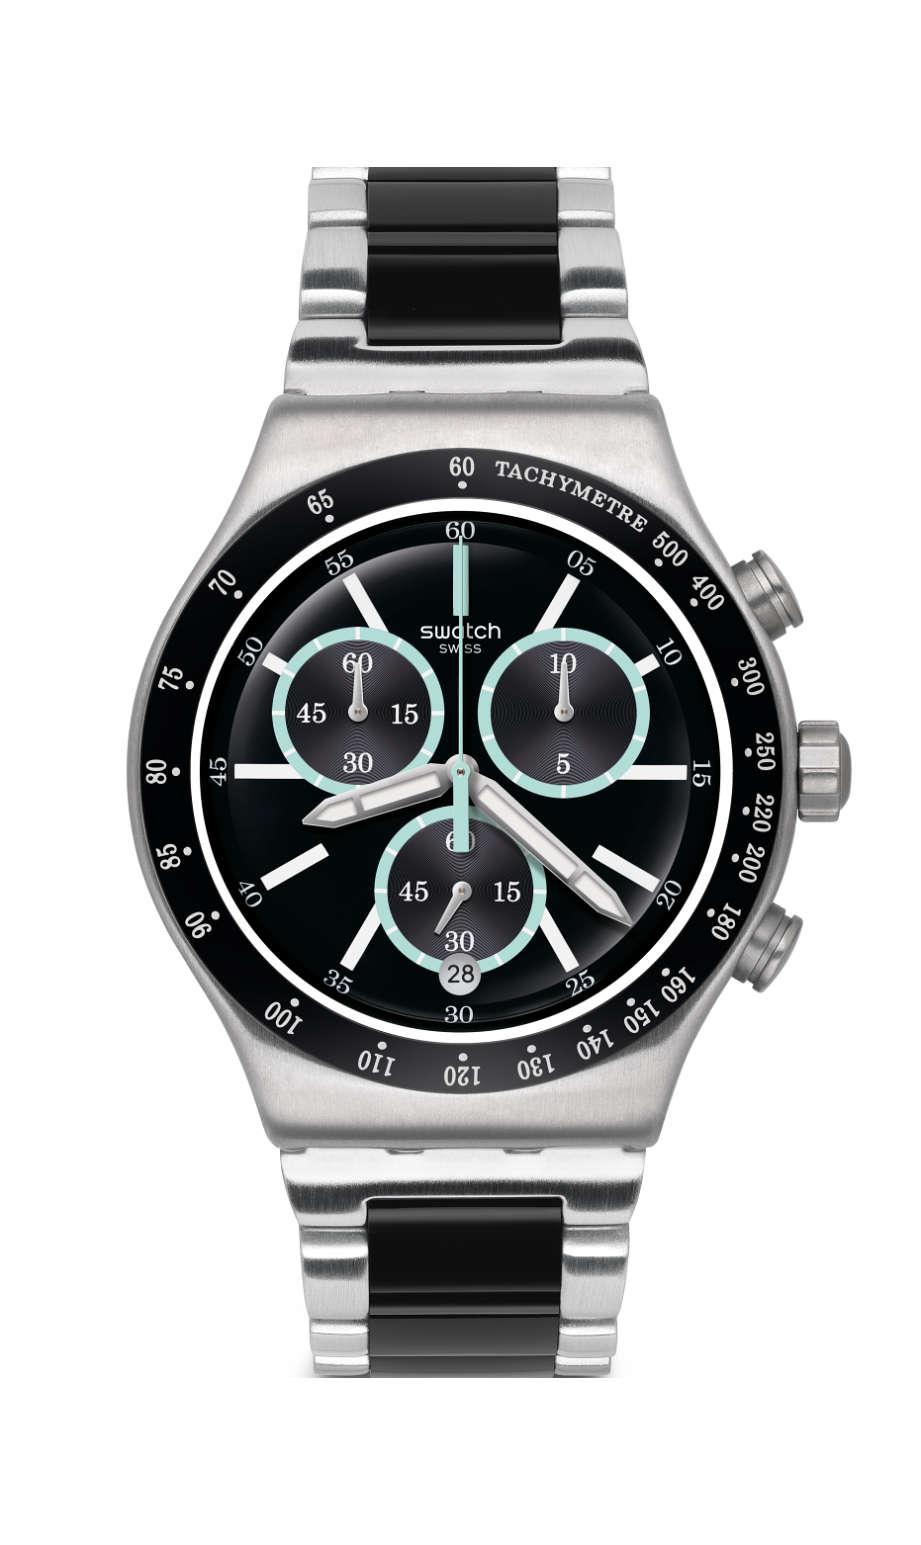 Swatch - IRONFRESH - 1